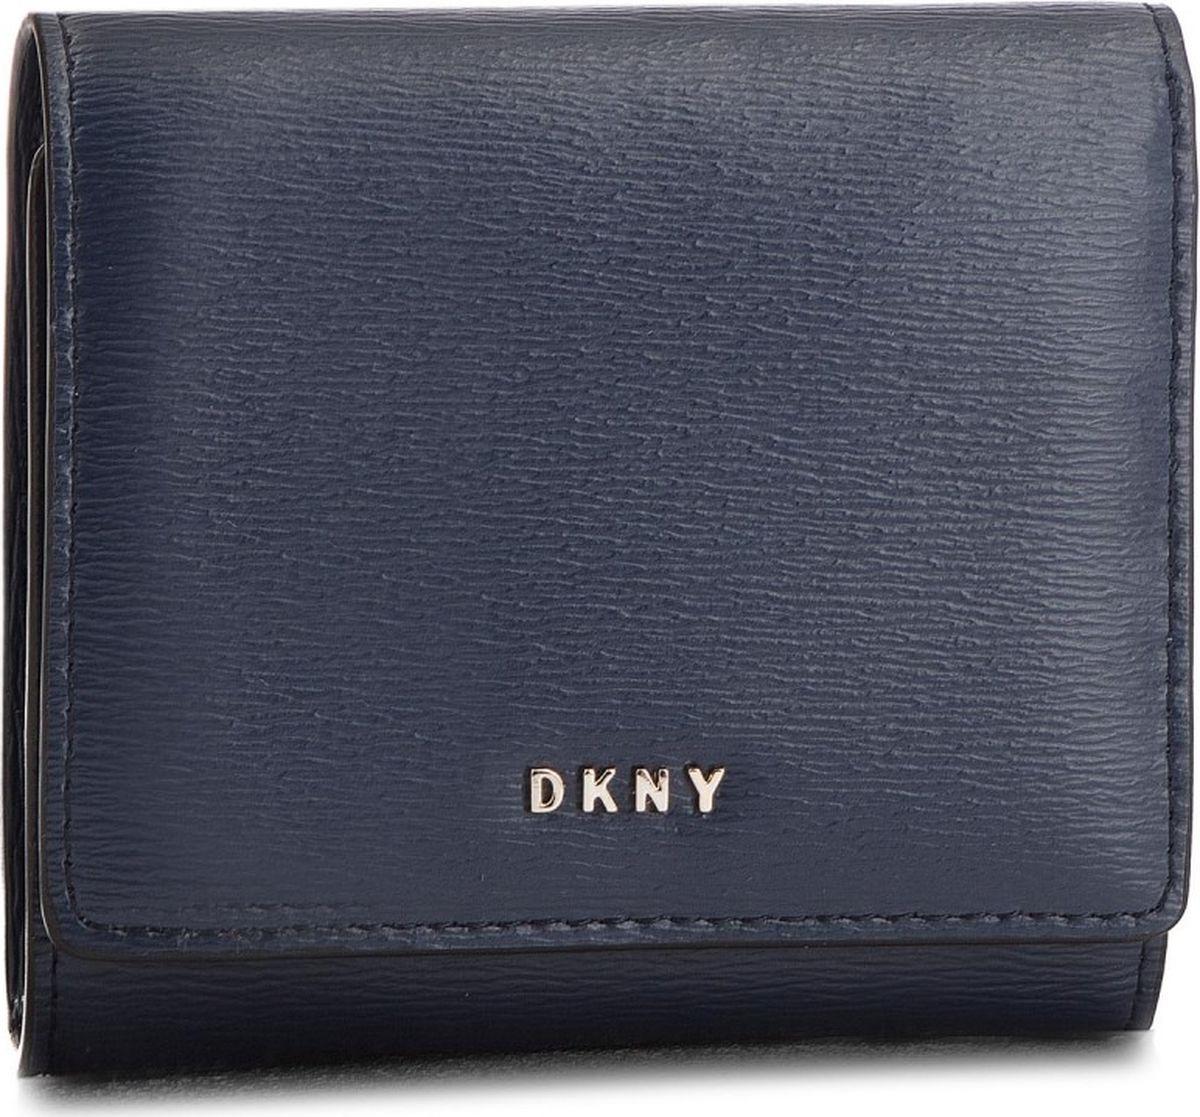 Кошелек женский DKNY, R7413100/NVY, темно-синий кошелек dkny dkny dk001bwzky71